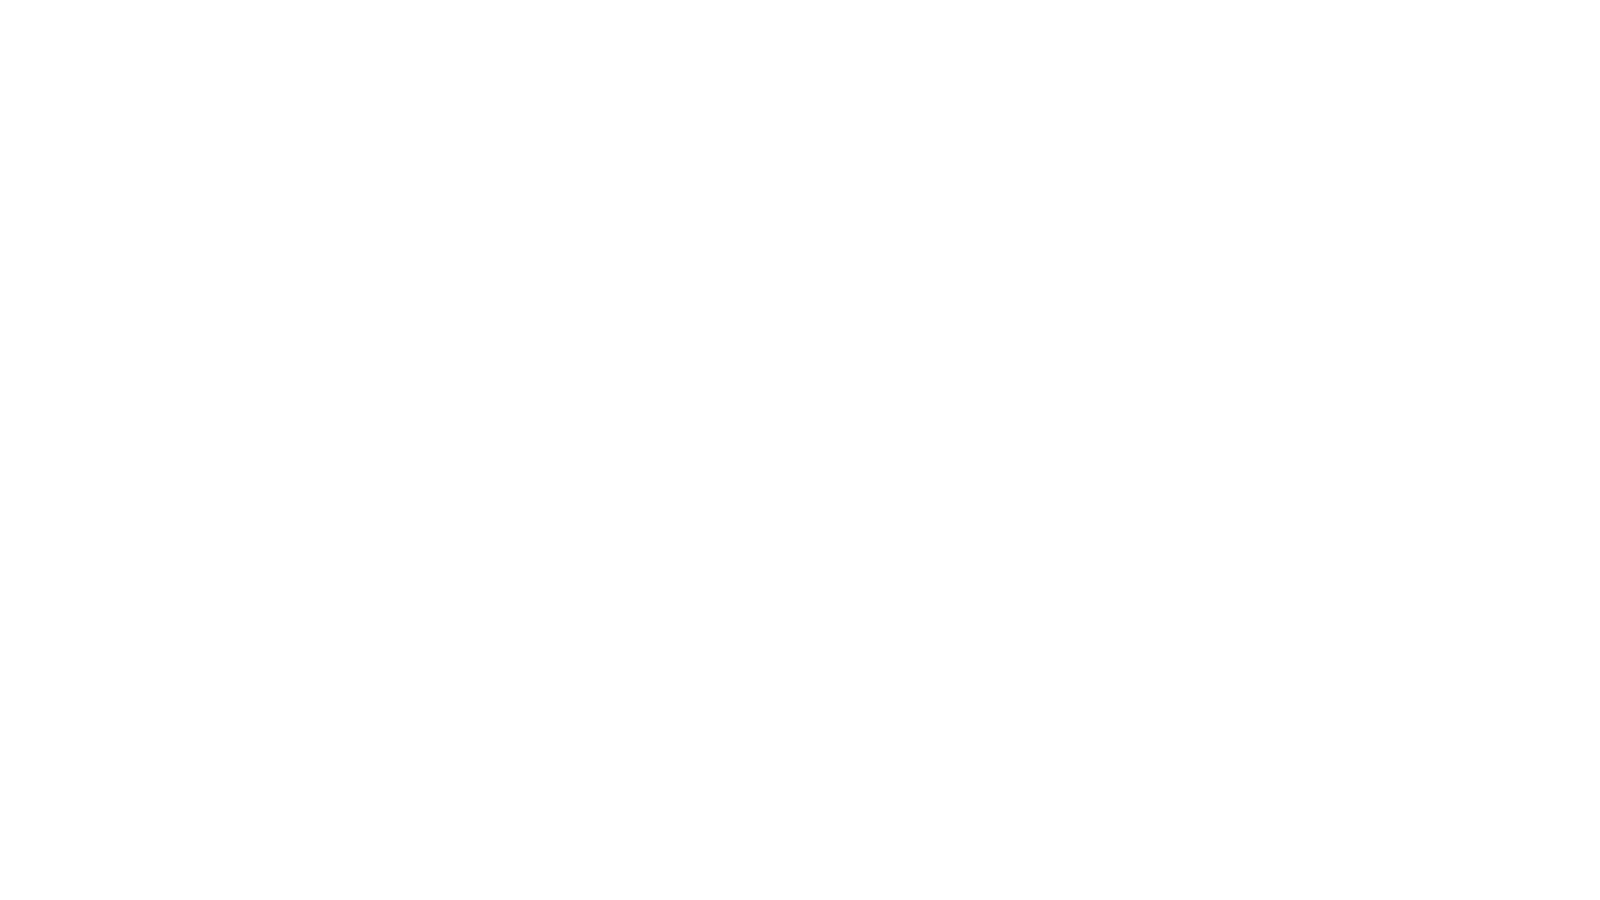 Link da entrevista com Richard AntSistema: https://www.ritmomelodia.mus.br/entrevistas/richard-antsistema/Conheça a Revista Ritmo Melodia? Somos o maior banco de dados de entrevistas com músicos brasileiros. Aqui, além de consultar as informações, você pode avaliar e discutir sobre nossas entrevistas e artistas dos mais diversos gêneros, como: forró, samba, pagode, baião, maracatu, reggae, rock, pop, mpb, brega, sertanejo, caipira, bossa nova, rap e muito mais.Já entrevistamos artistas como: Gilberto Gil, Dominguinhos, Sivuca, Tribo de Jah, Zé Rodrix, Yamandu Costa, Papete, Geraldo Vandré, Nelson Faria, Paulinho da Viola, Nelson Sargento, Hyldon, Wilson Curia, entre tantos outros, todo mês temos muitas outras novas.https://www.ritmomelodia.mus.br